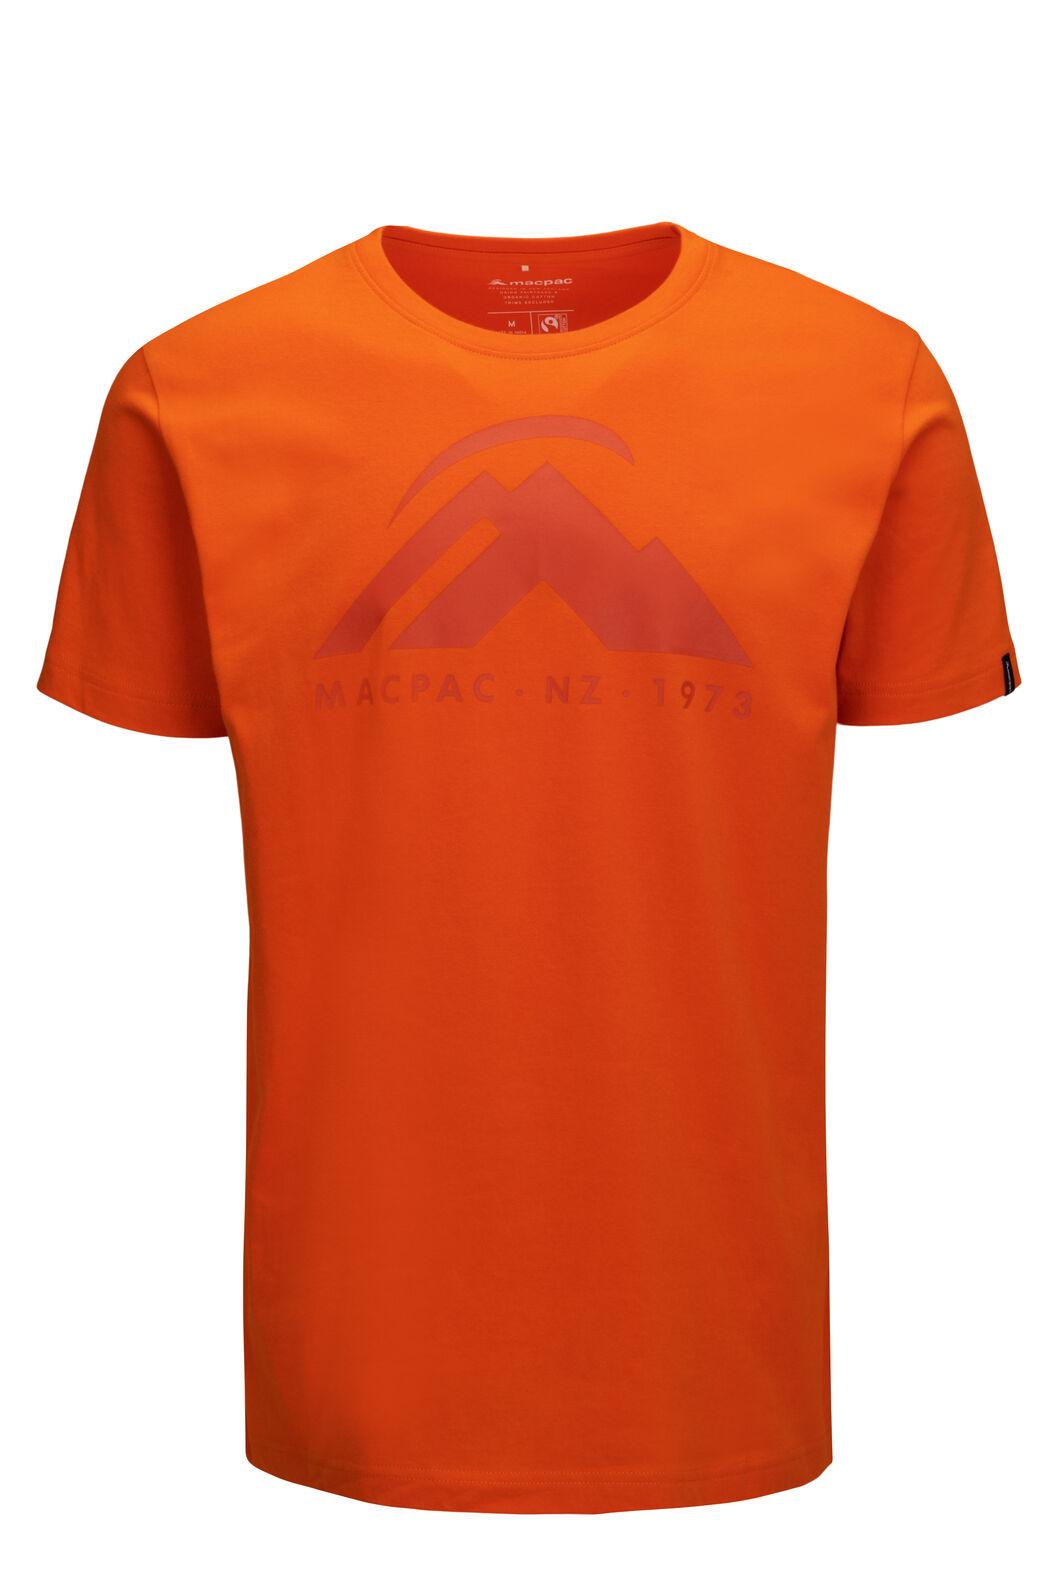 Macpac Mountain Fairtrade Organic Cotton Tee — Men's, Russet Orange, hi-res